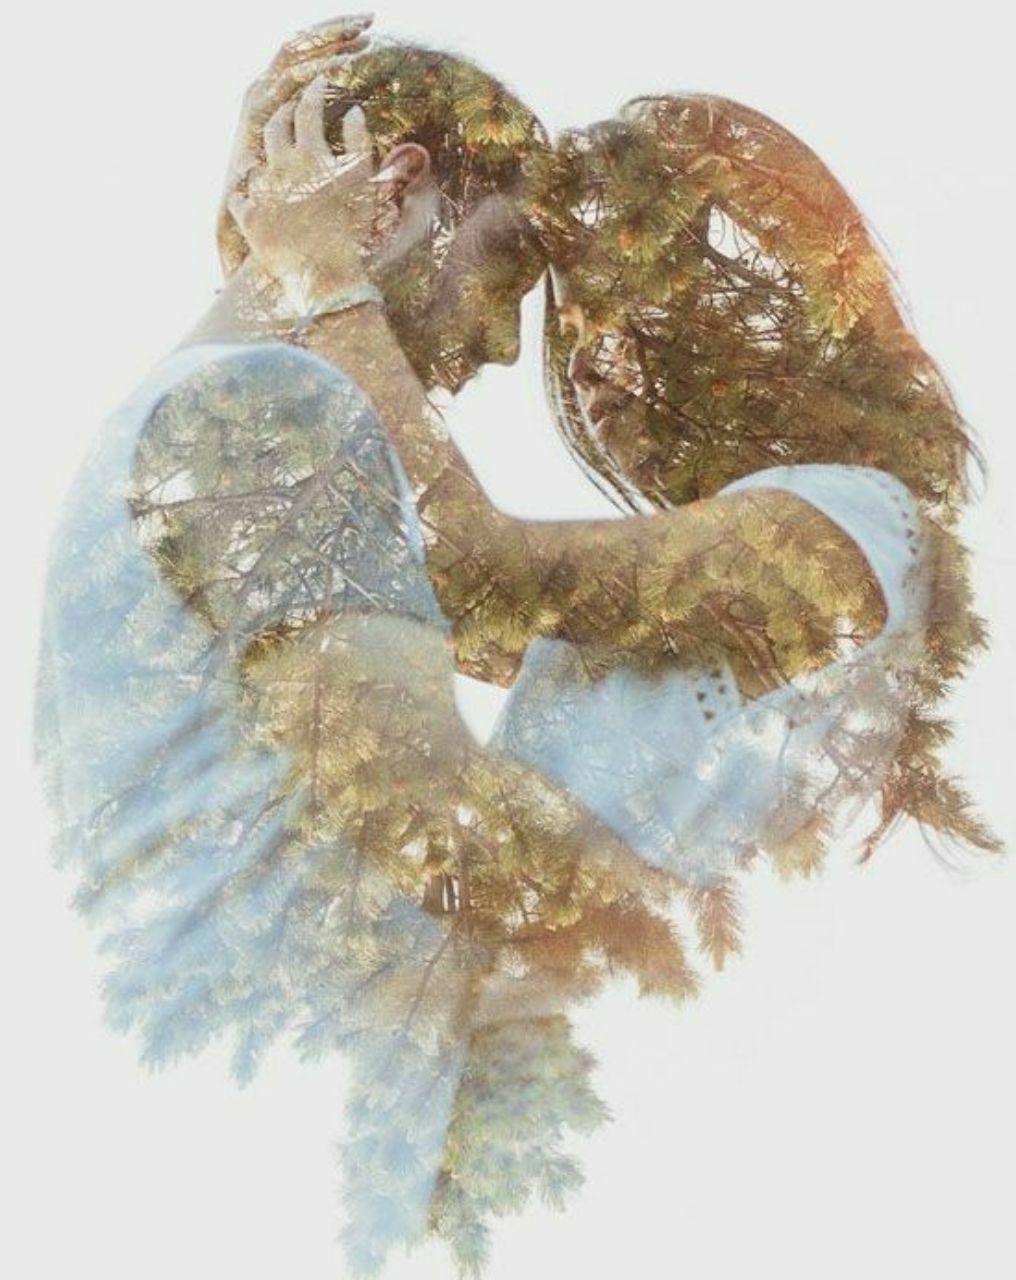 همونی که دوسش داریم دوستمون داشته باشه کافیه، از اون به بعد کل دنیام دوستمون نداشته باشن مهم نیست.!ঊঈ الناز33